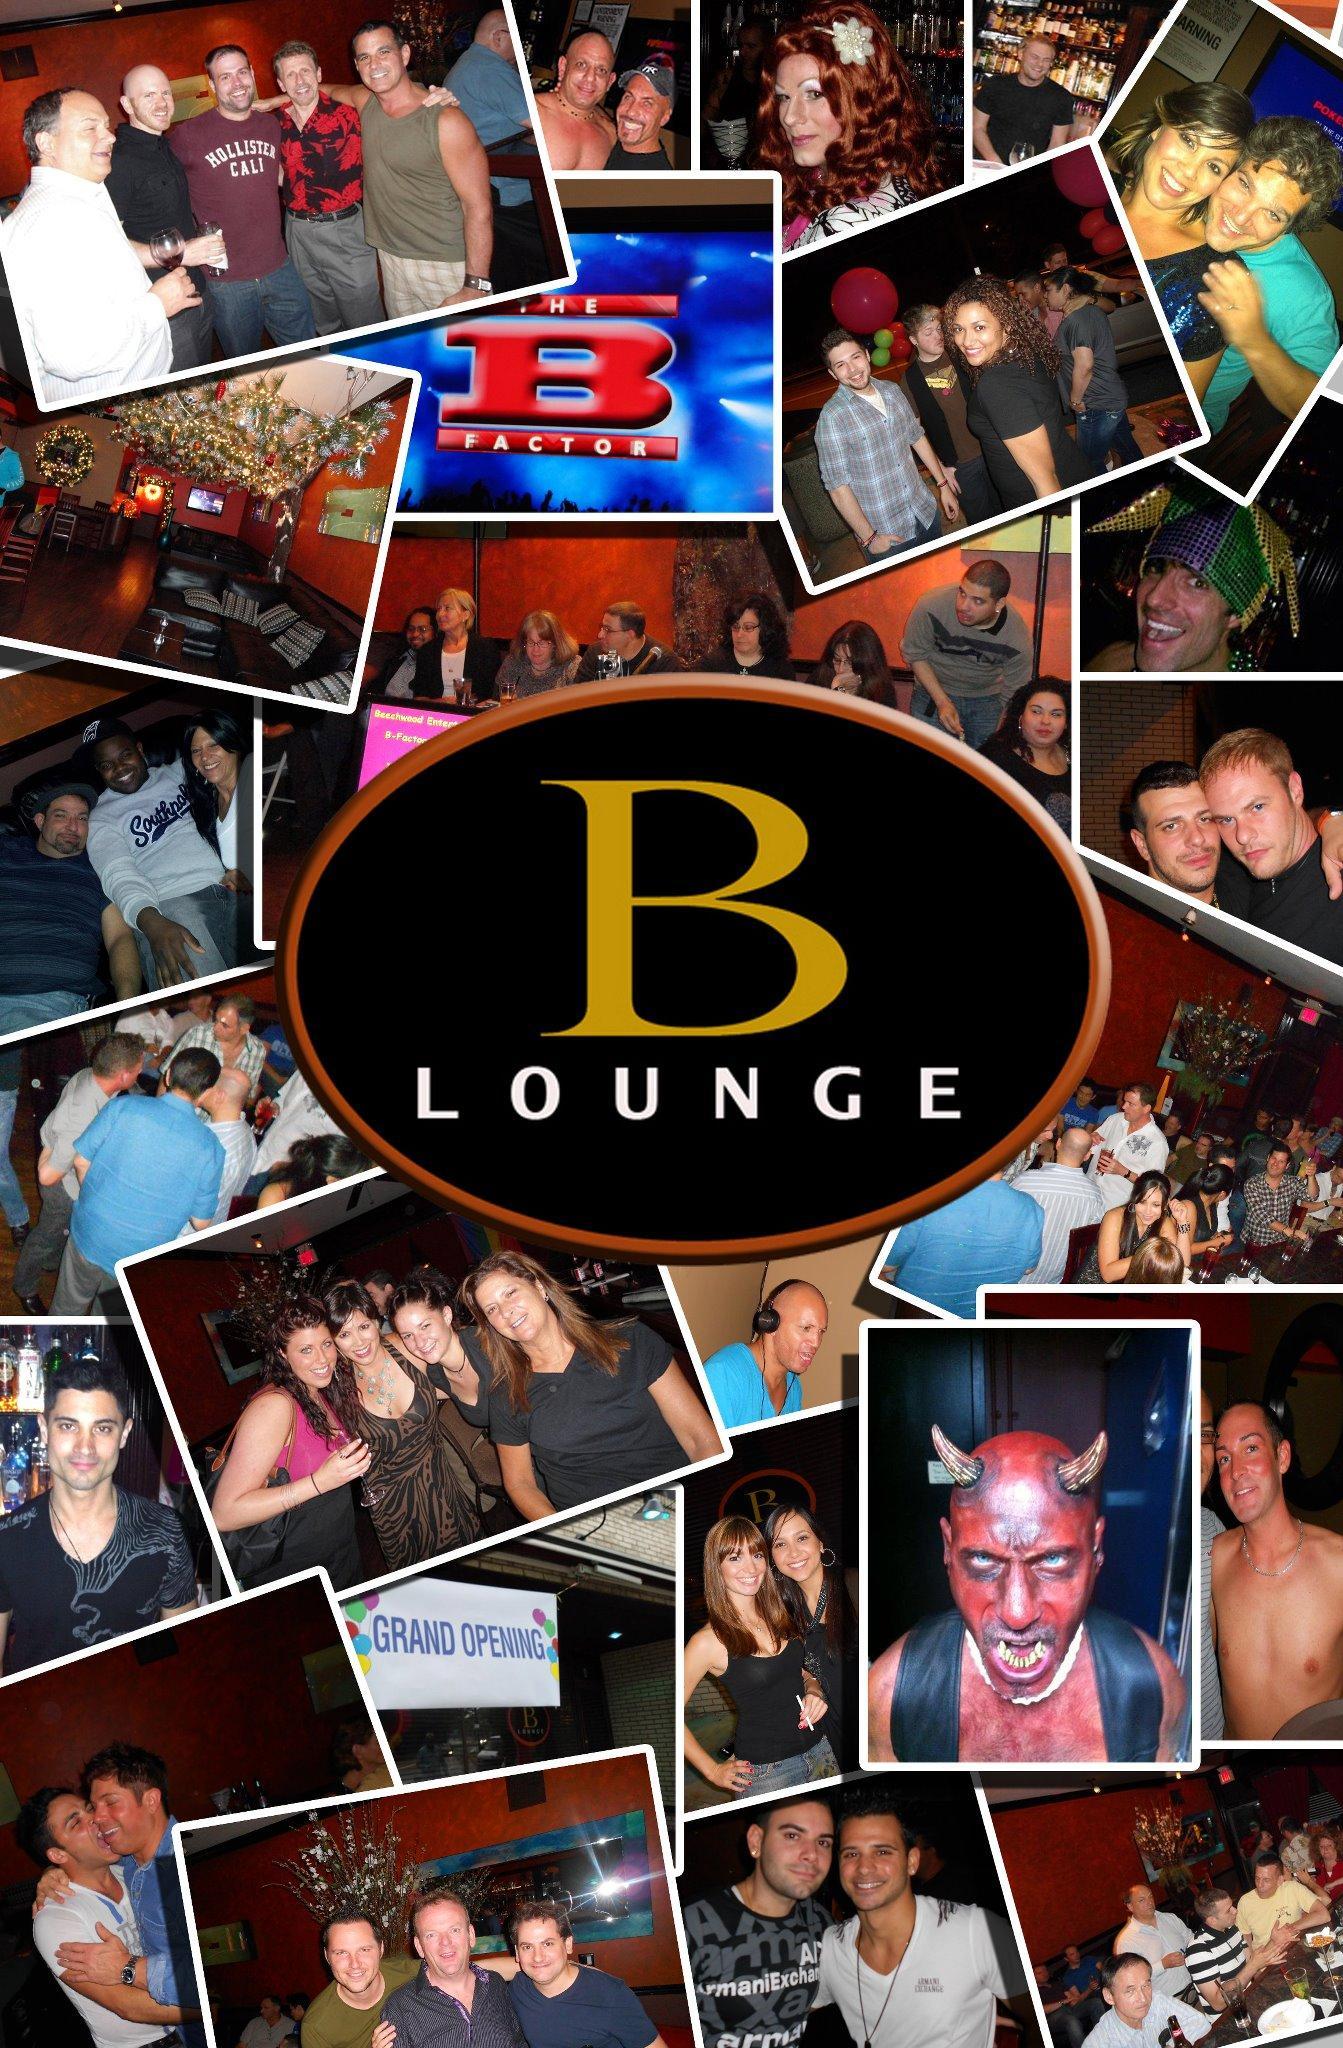 B Lounge